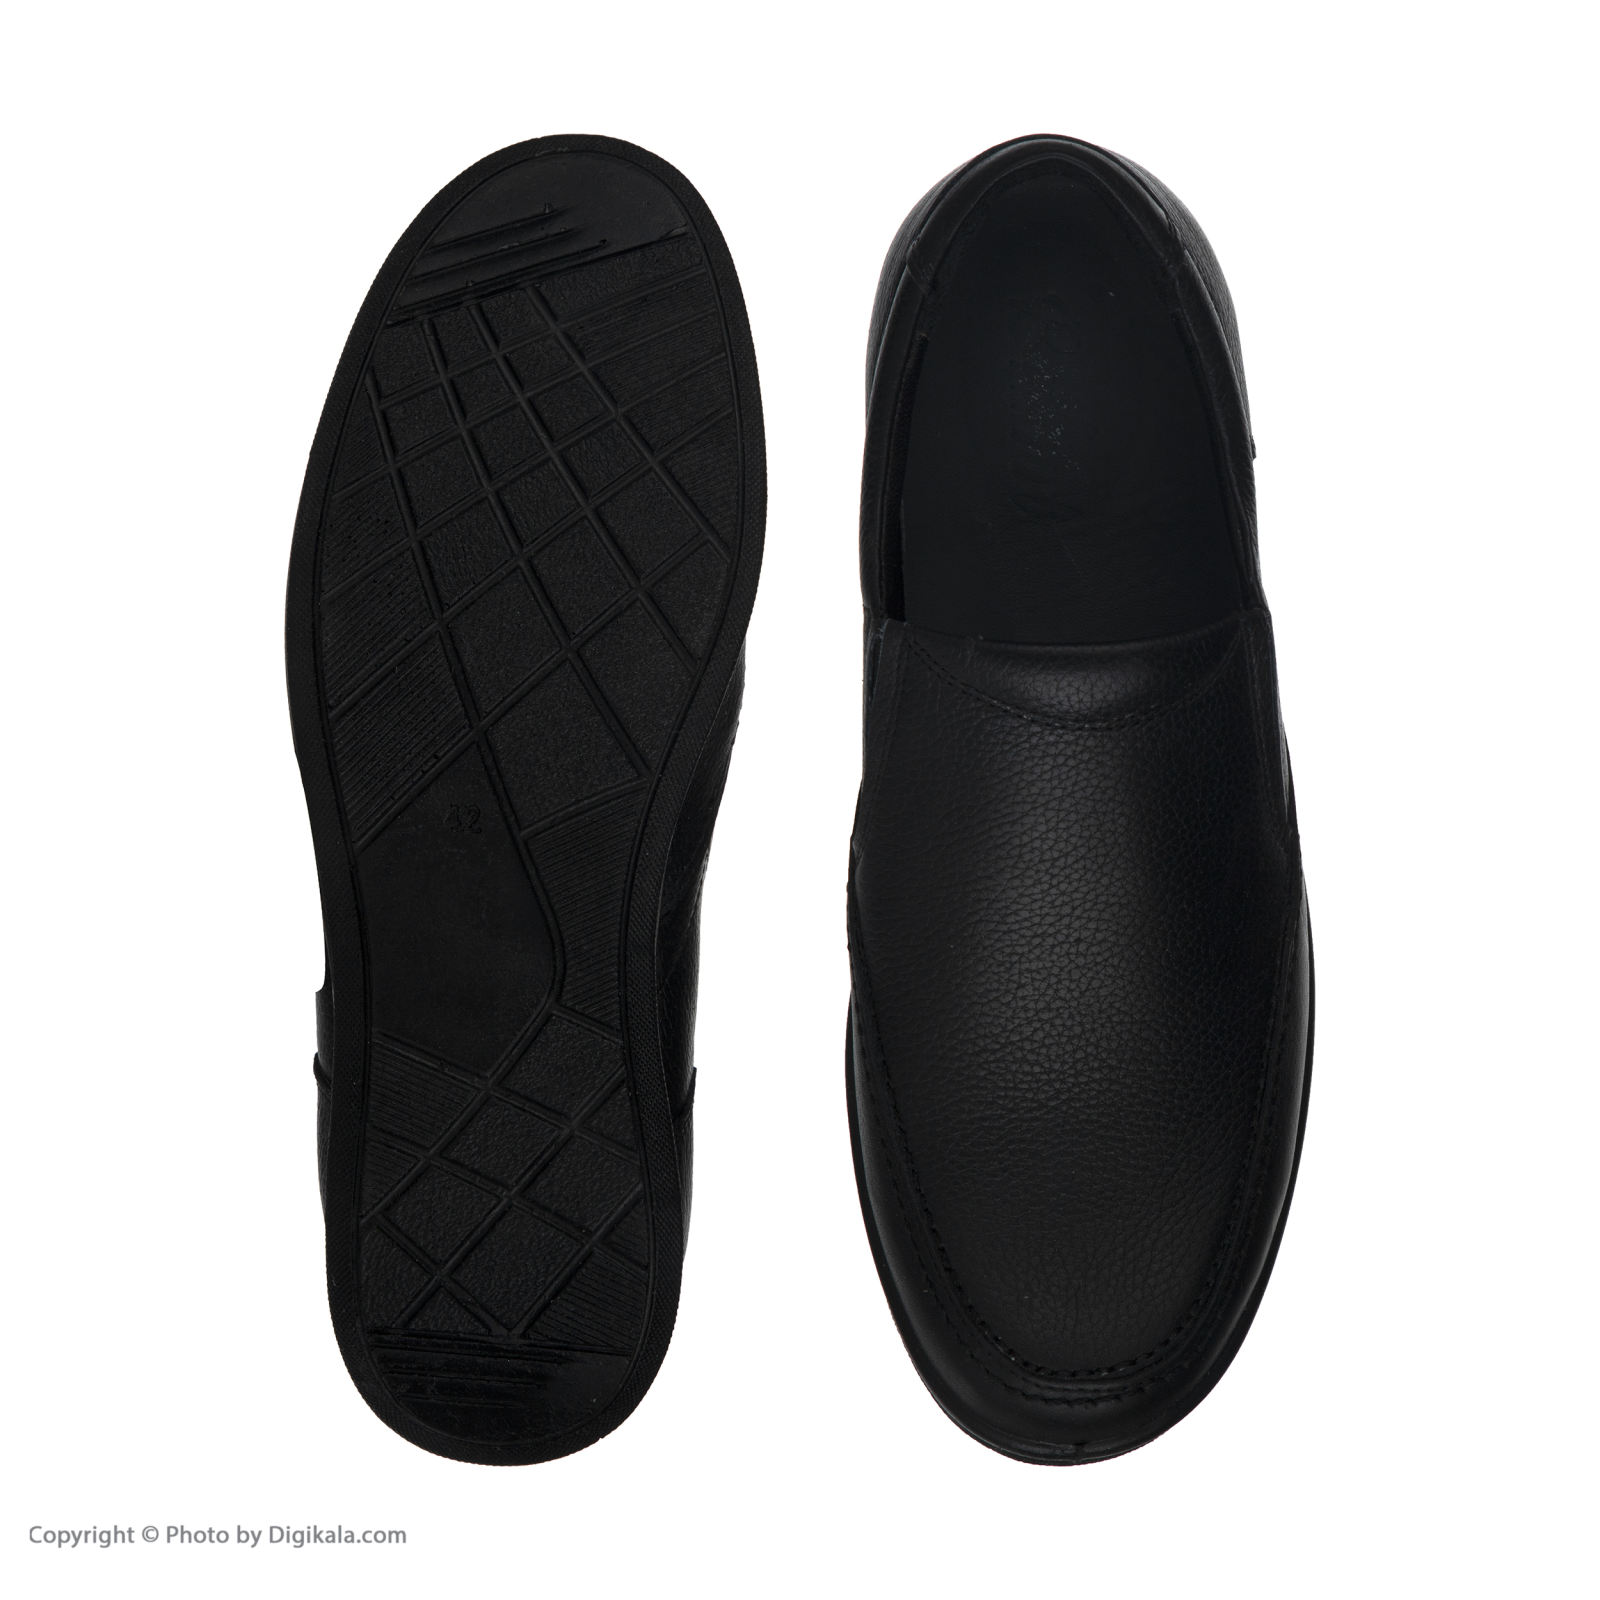 کفش روزمره مردانه بلوط مدل 7296A503101 -  - 4